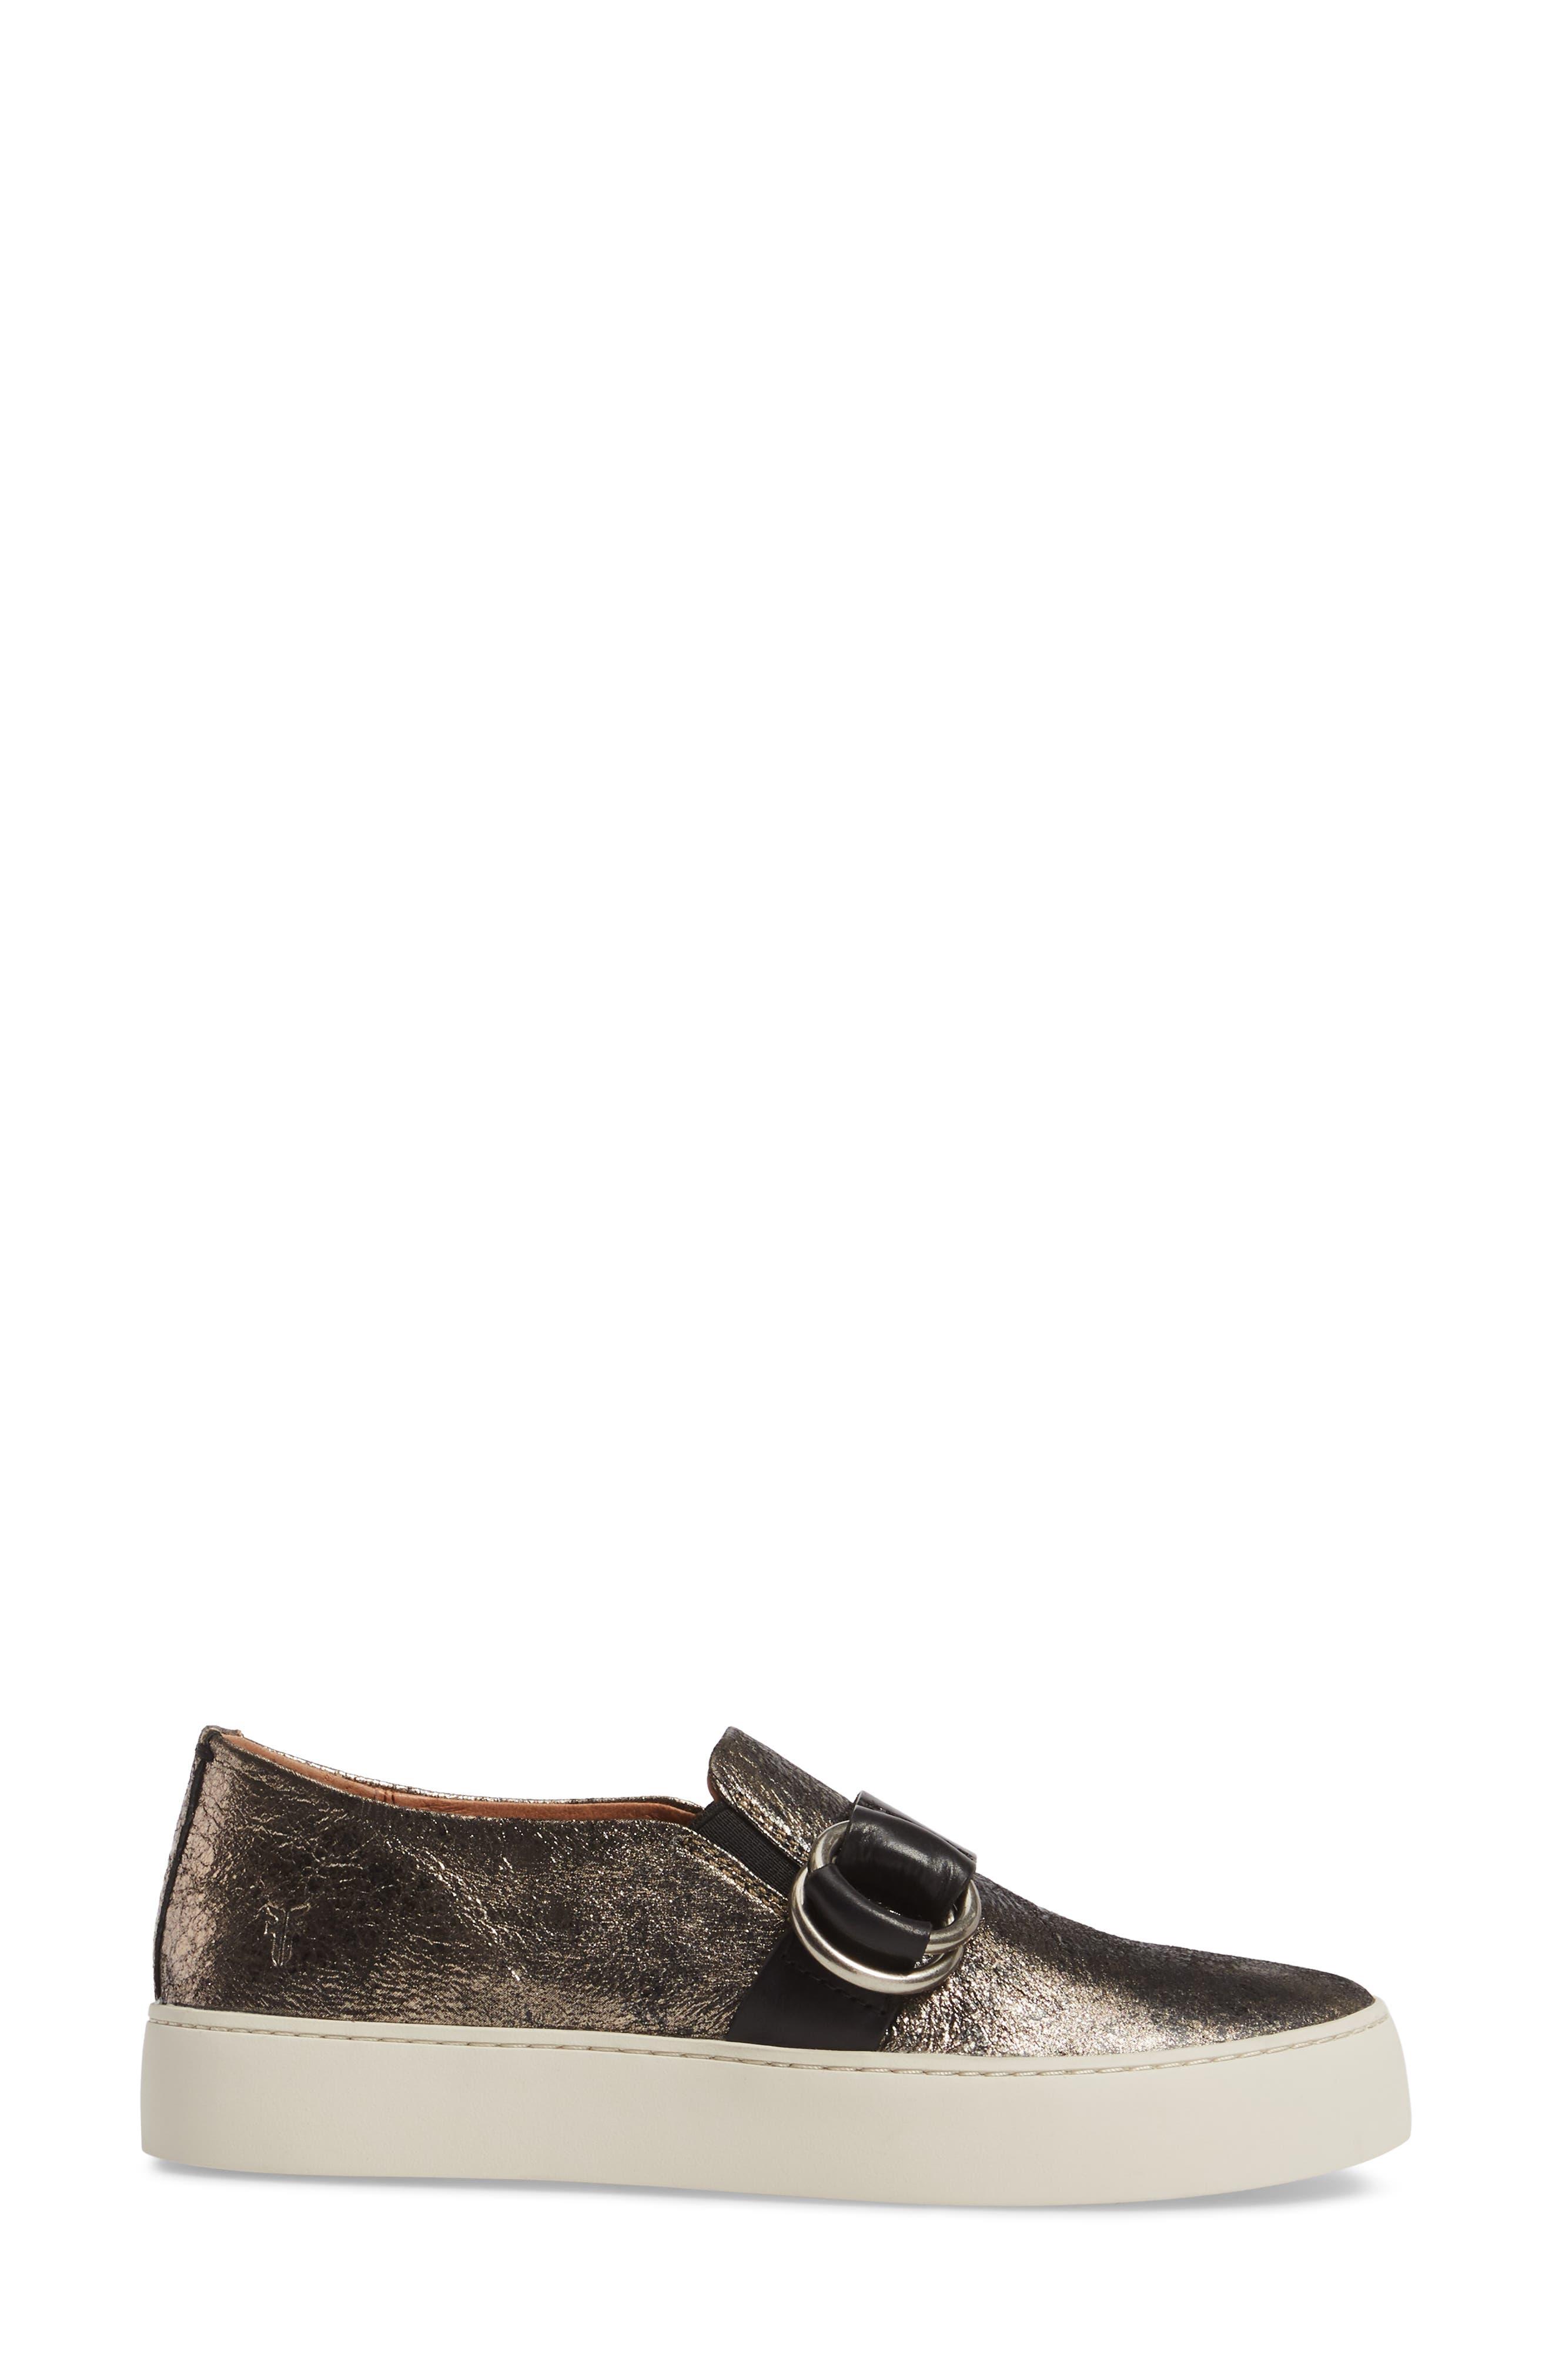 Lena Harness Slip-On Sneaker,                             Alternate thumbnail 3, color,                             Gunmetal